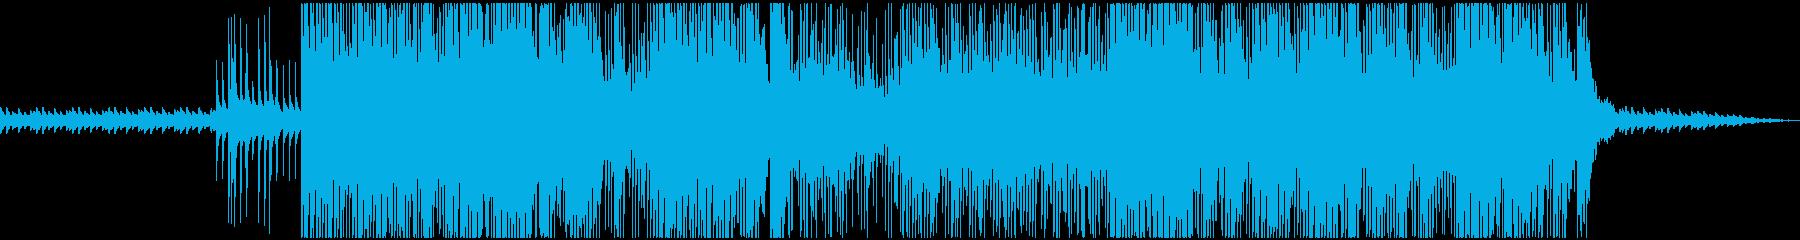 アンビエントニューエイジインスト。...の再生済みの波形